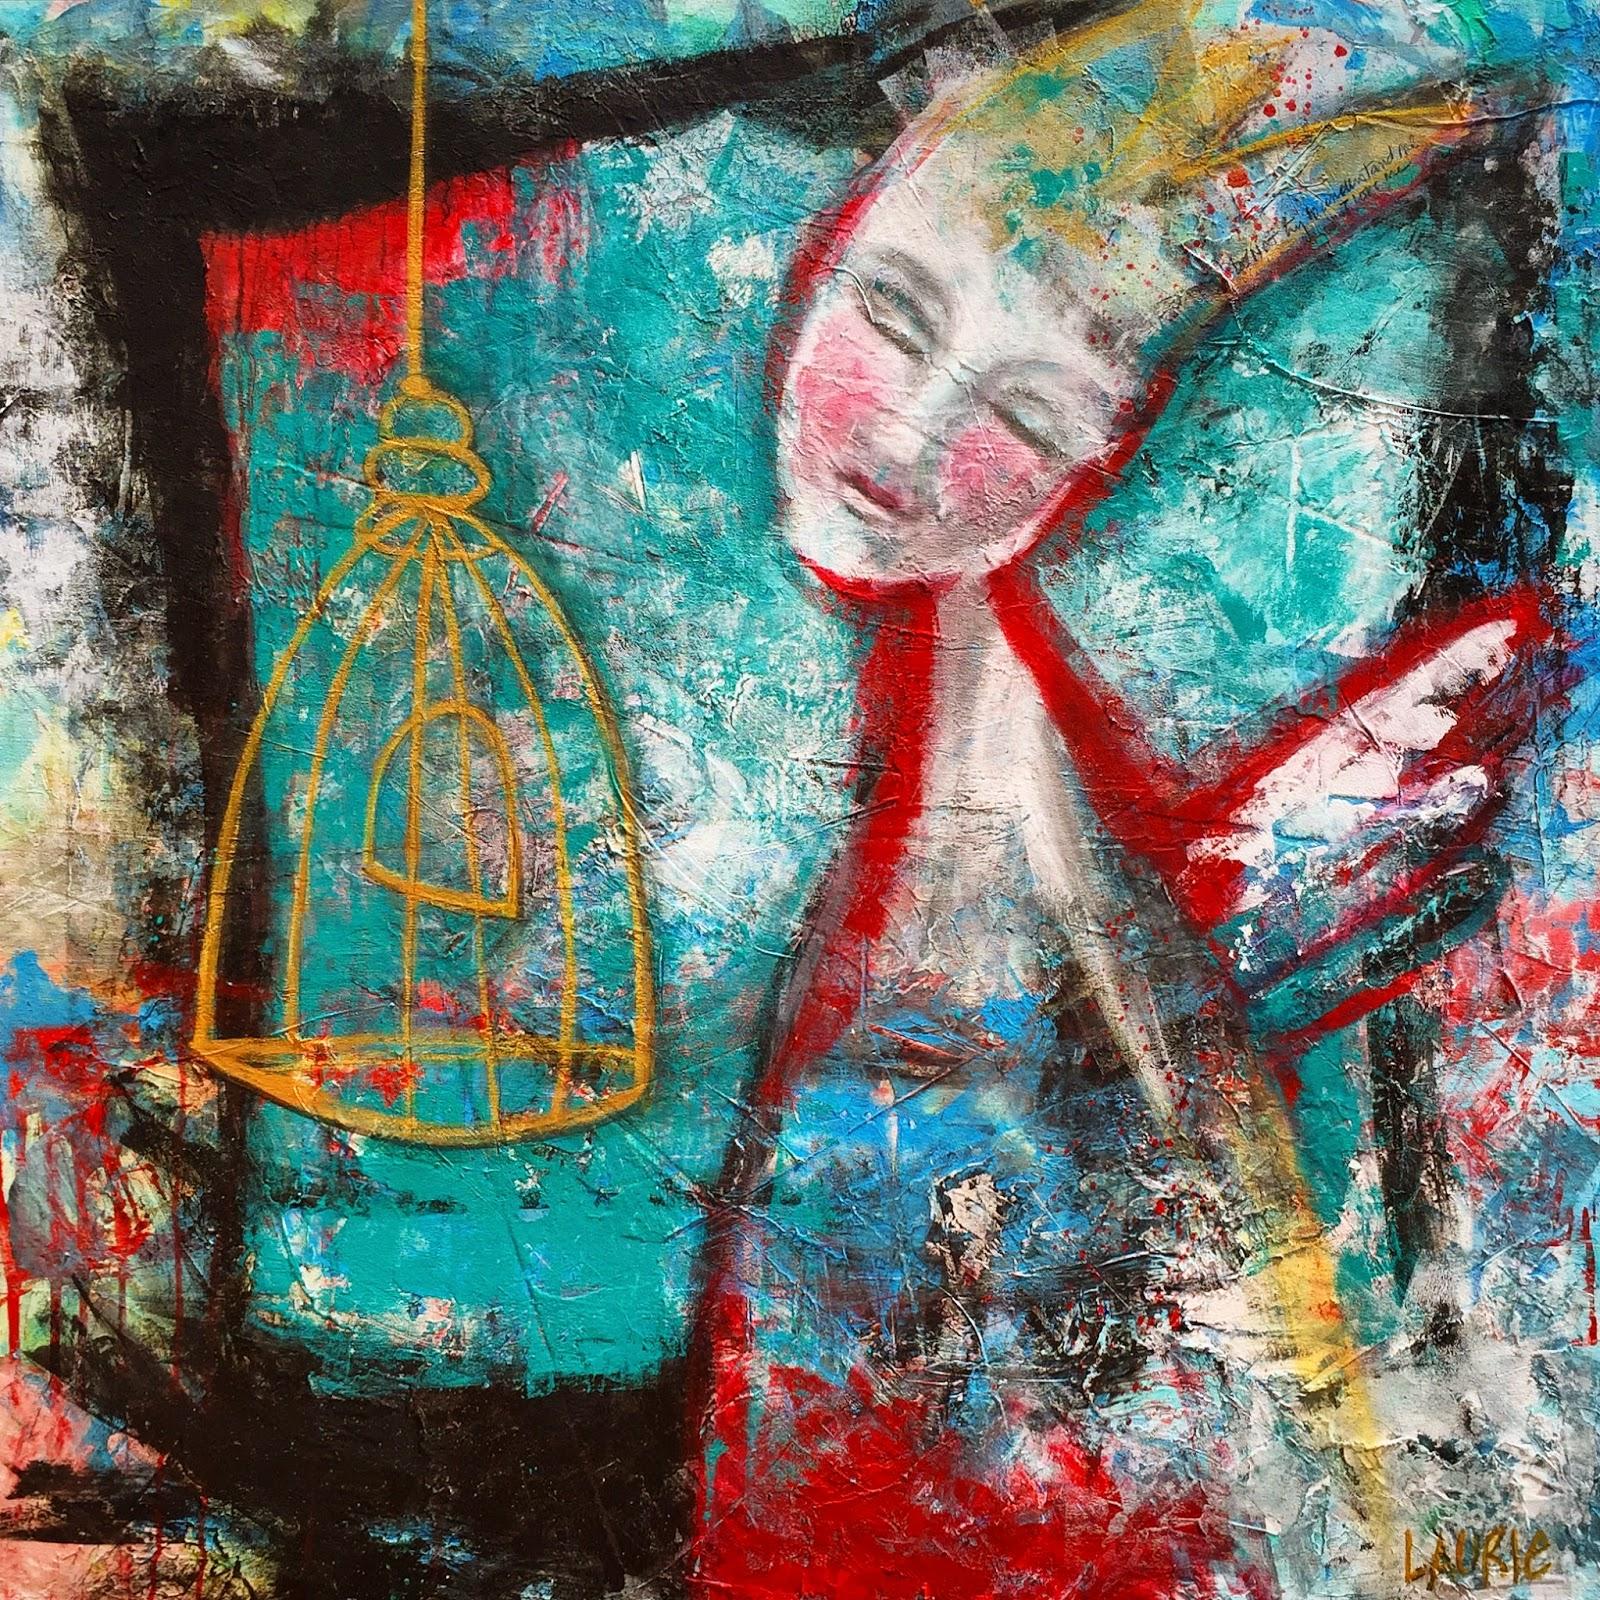 Acrylic Mixed Media Painting